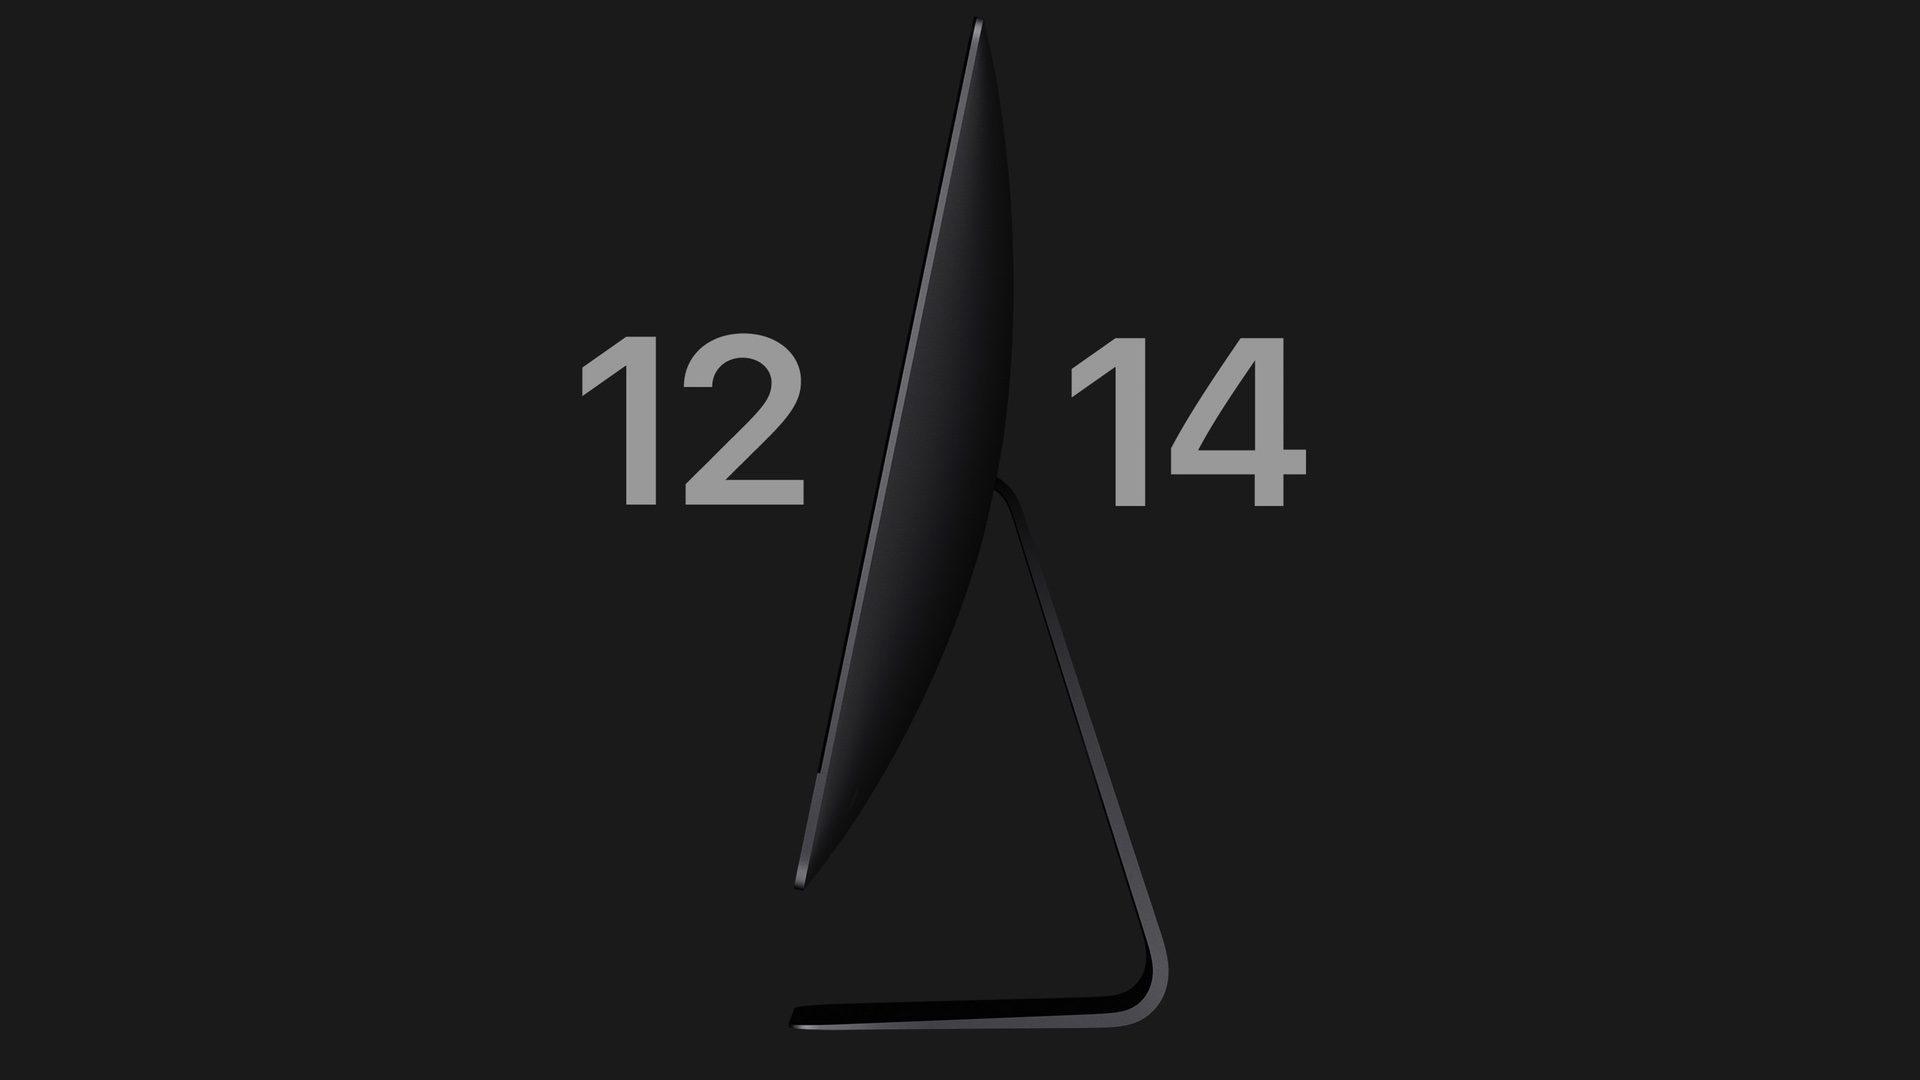 苹果iMac Pro于12月14日起预